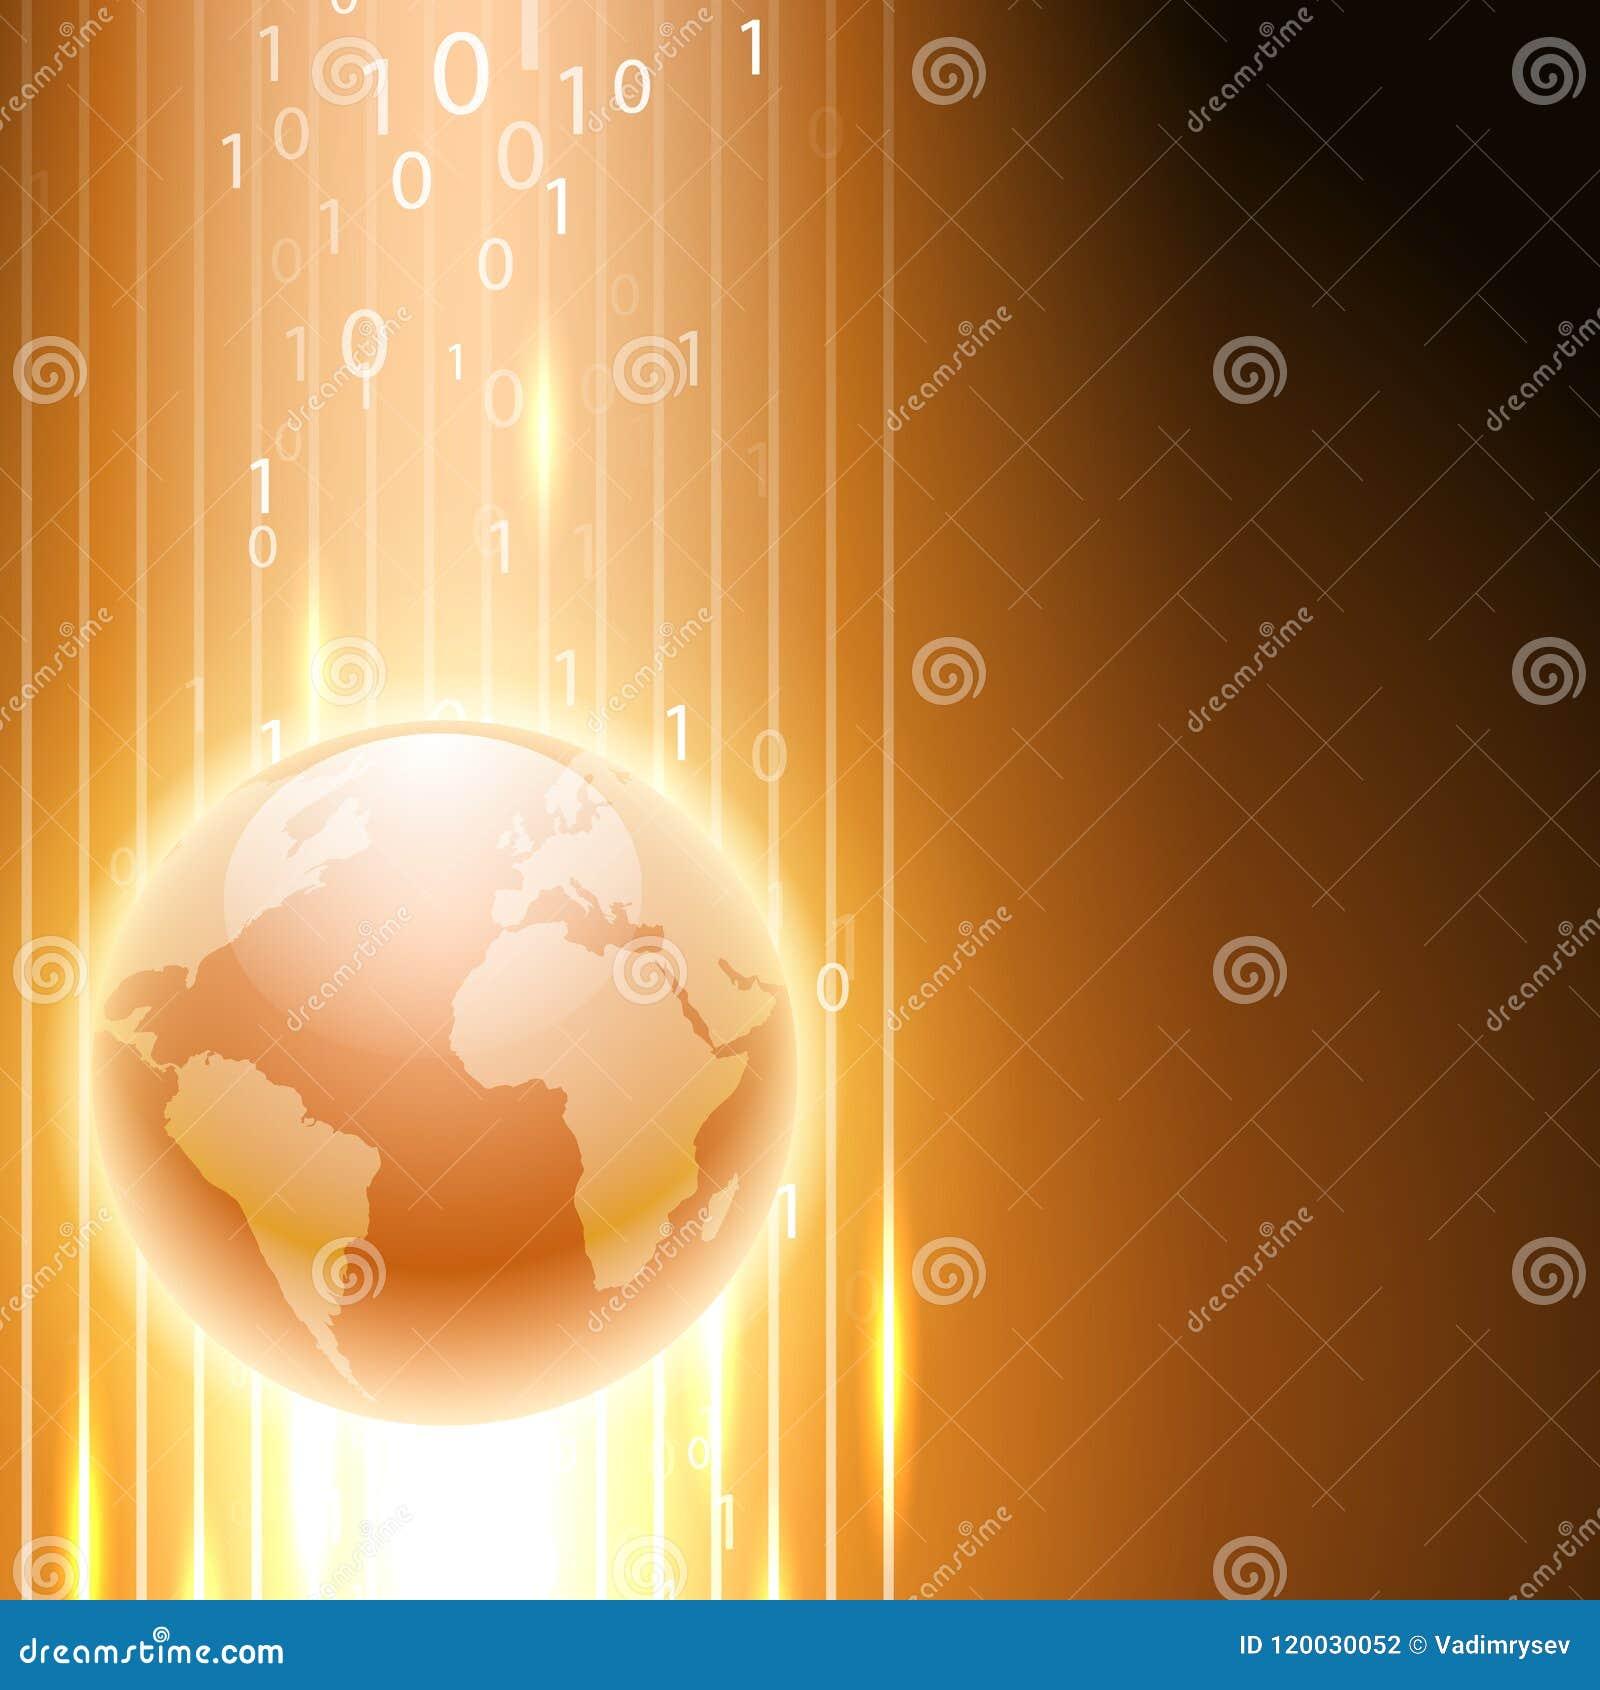 Pomarańczowy tło z binarnym kodem kula ziemska